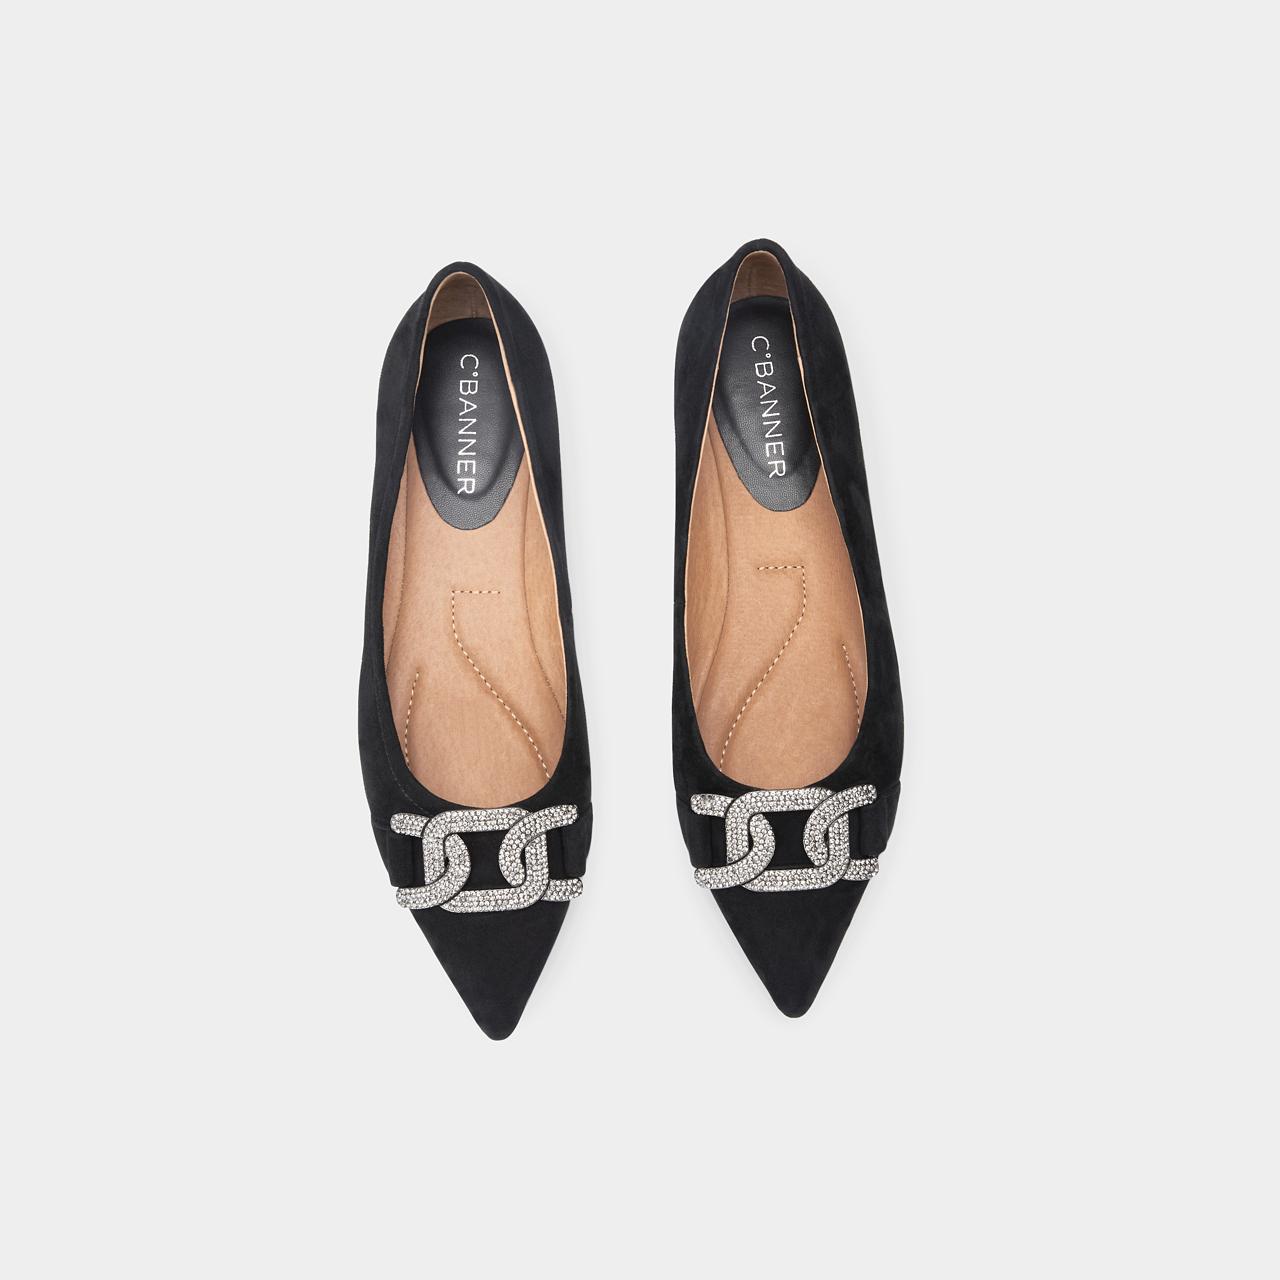 秋季新款单鞋优雅仙女风绒面气质低跟鞋尖头浅口 2021 千百度女鞋